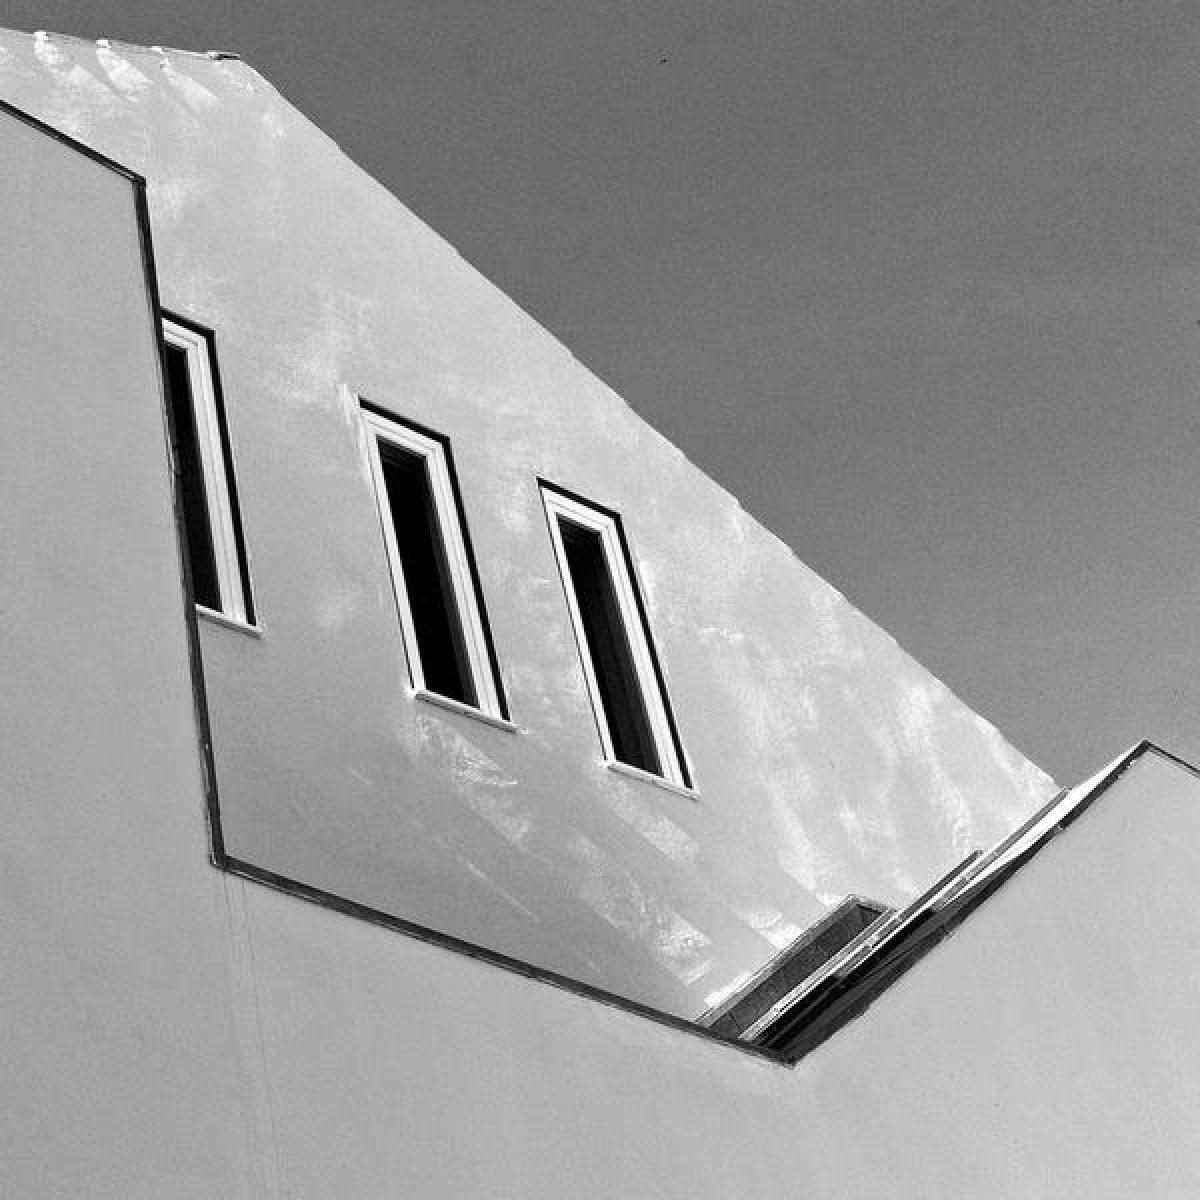 Αίτημα διόρθωσης της προκήρυξης του Πανελλήνιου Διαγωνισμού Ιδεών για τον Σχεδιασμό Πρότυπου Περιπτέρου Δήμου Αθηναίων